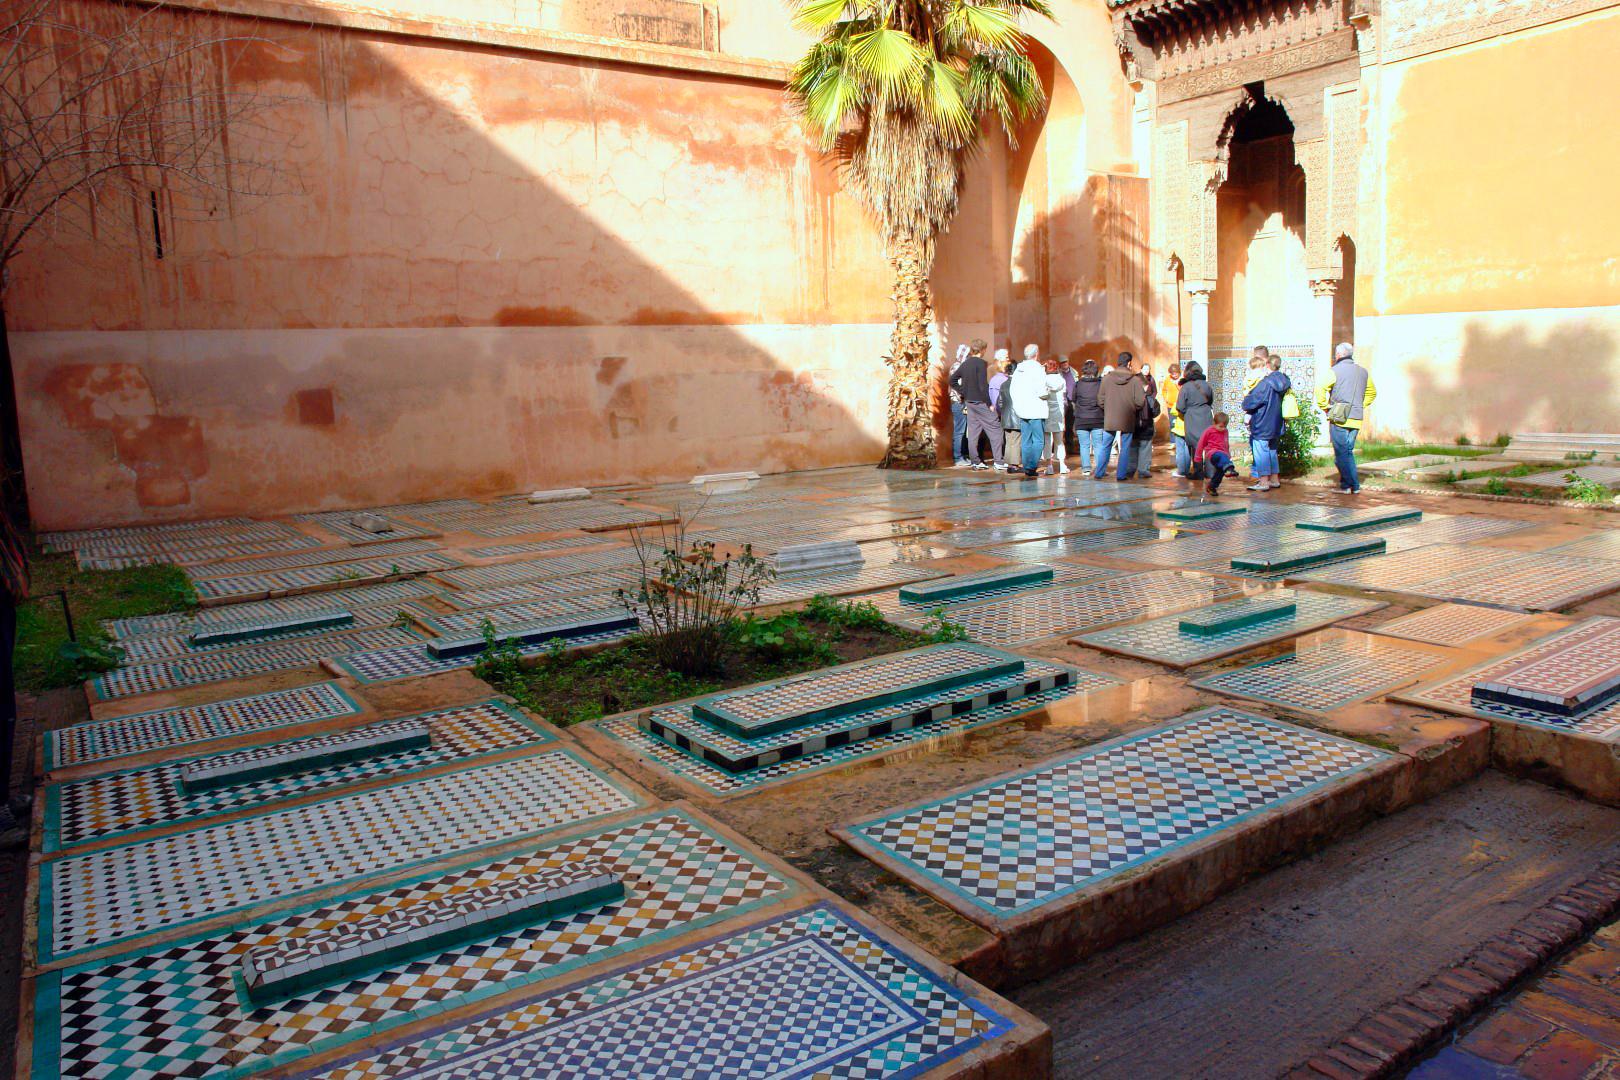 Qué ver en Marrakech, Marruecos - Morocco qué ver en marrakech, marruecos - 30999587326 7c1b23a47c o - Qué ver en Marrakech, Marruecos